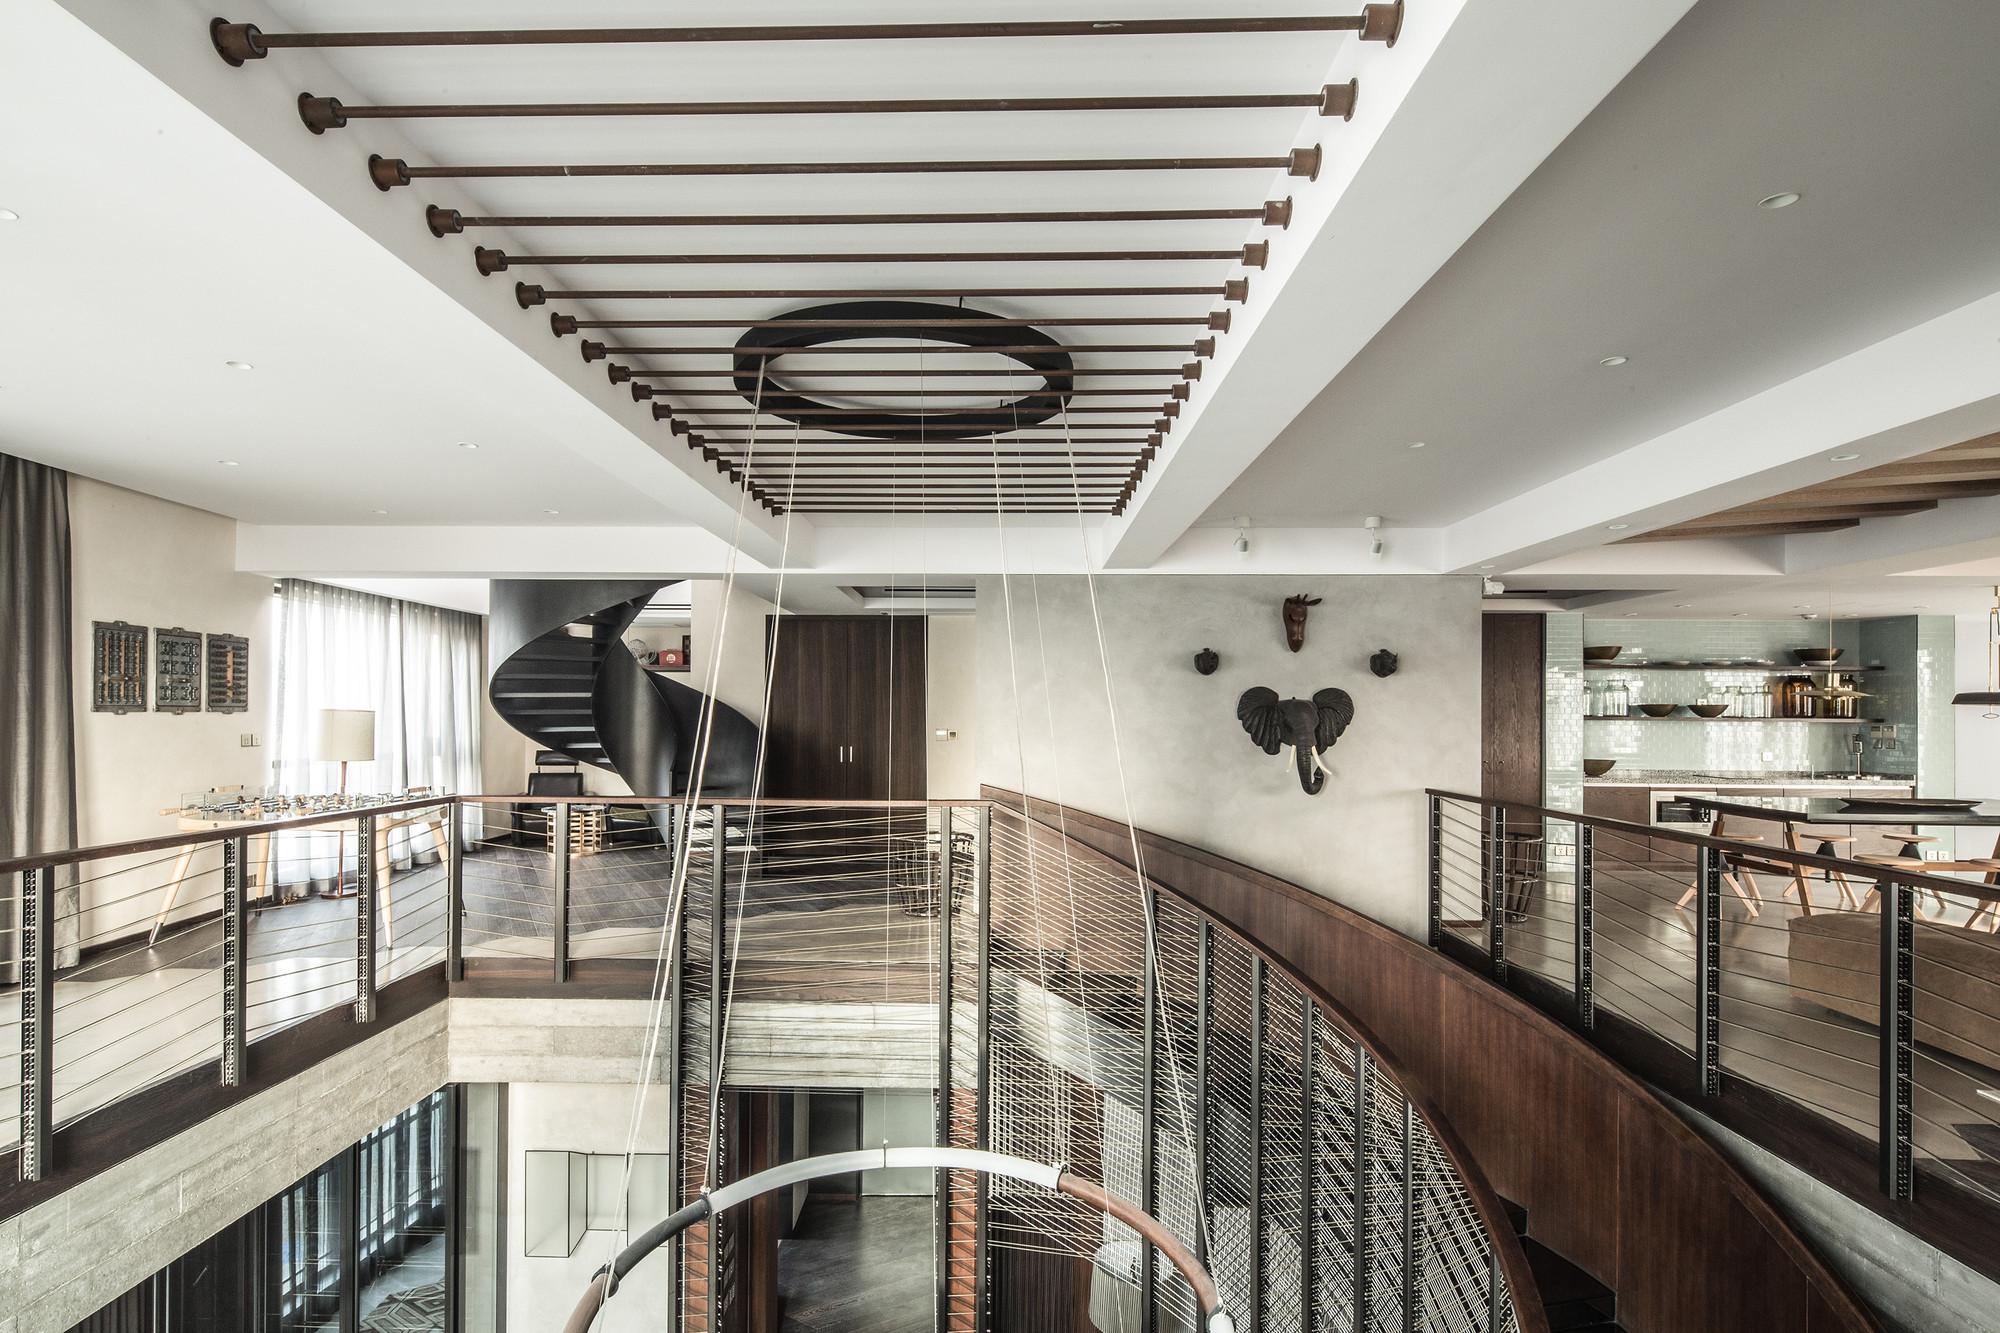 LO MEJOR en vivienda: Xintiandi Penthouse; Shanghai, China / JOYCE WANG STUDIO. Imágen cortesía de INSIDE